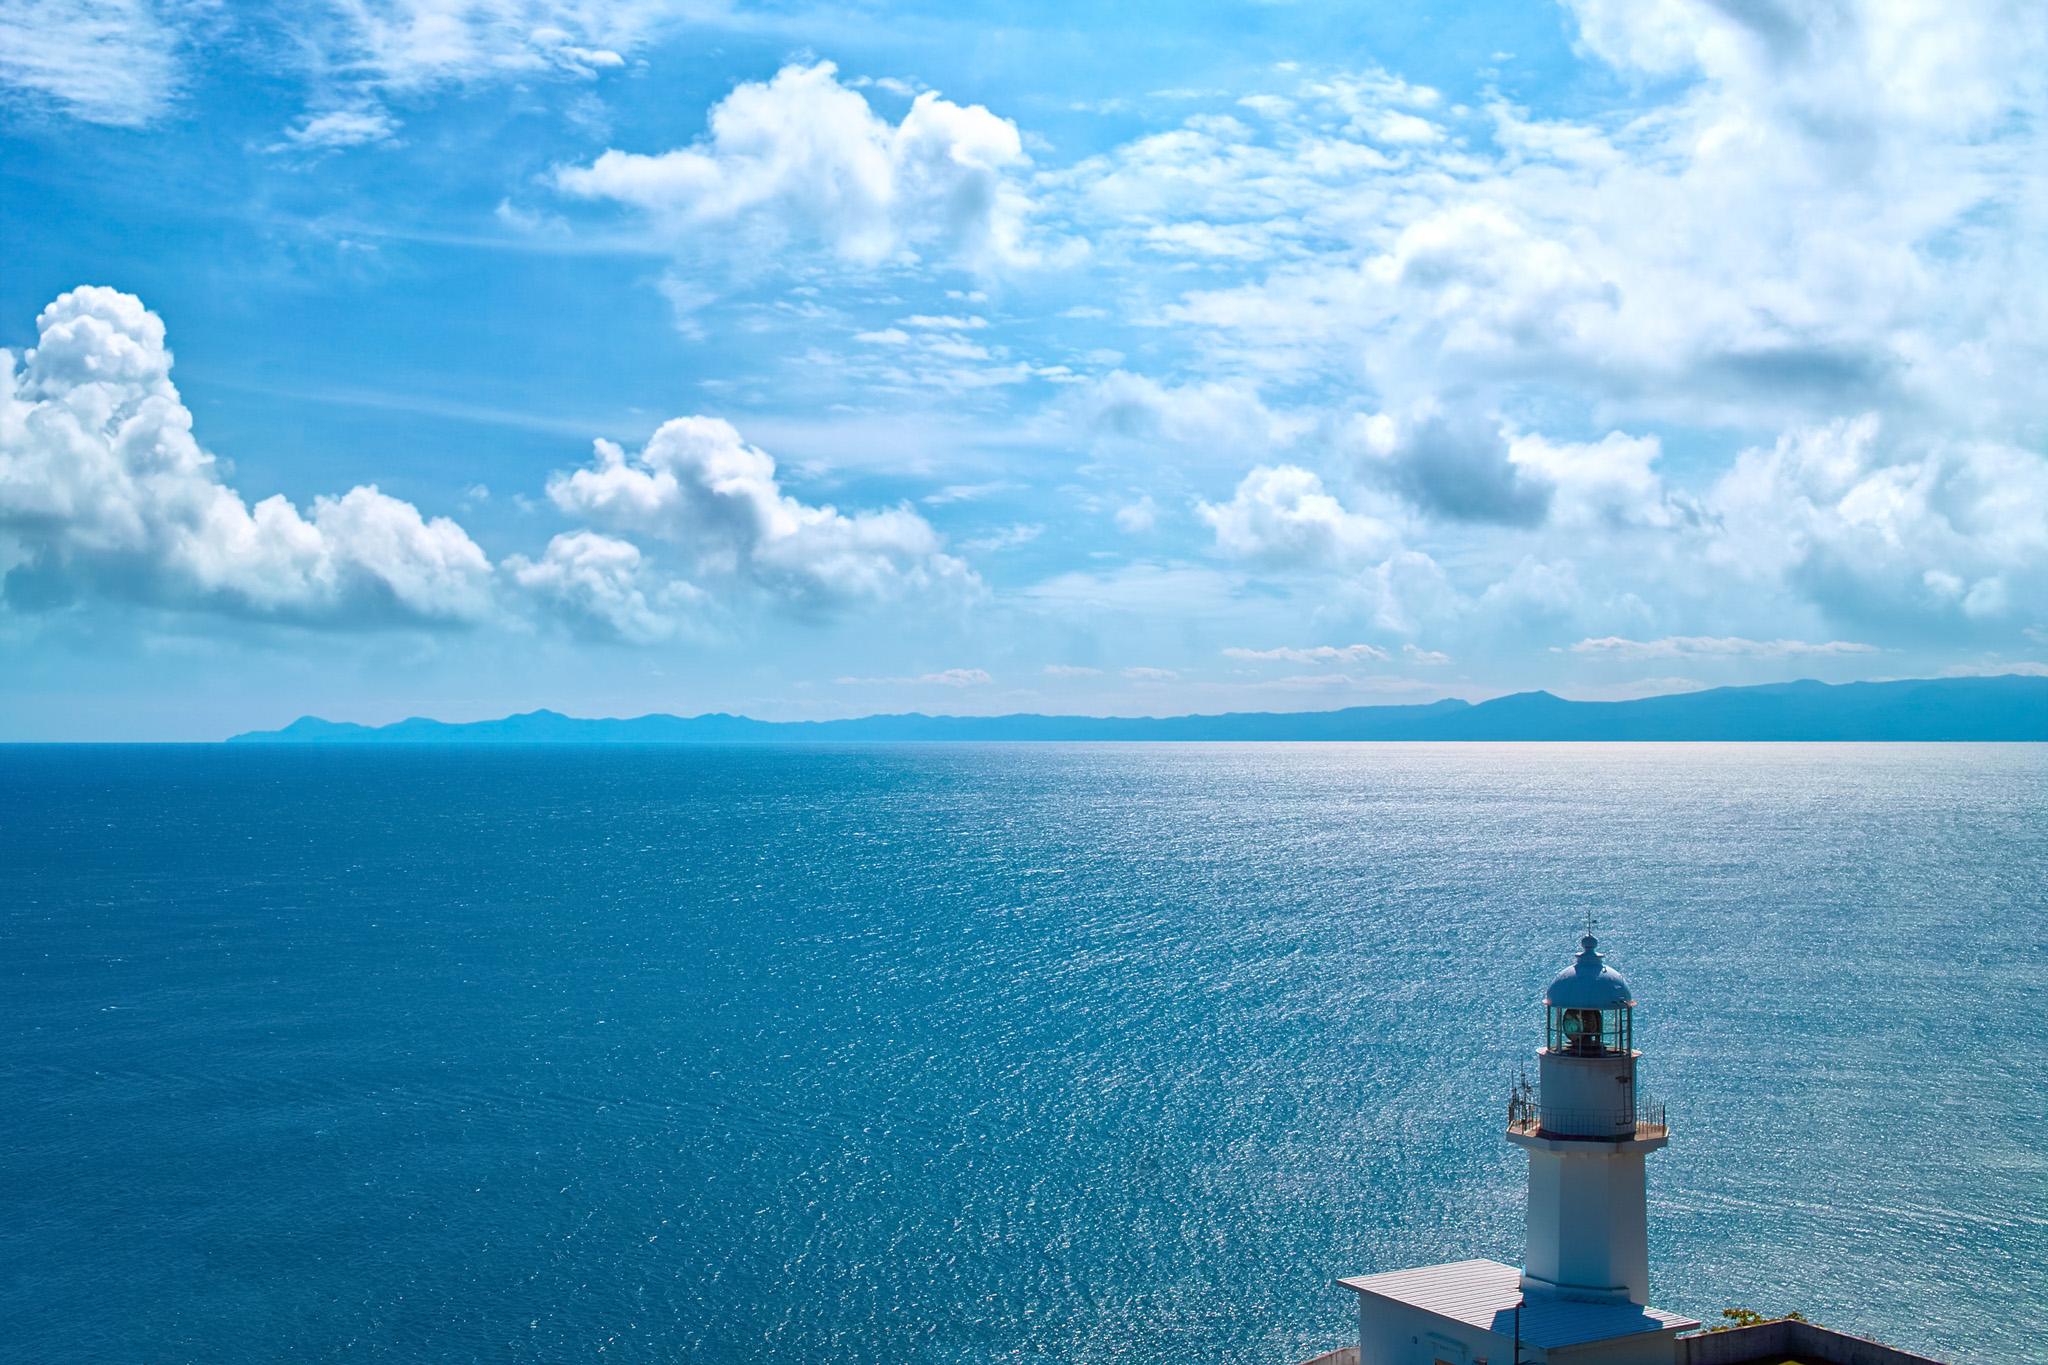 「灯台から見える海と半島」